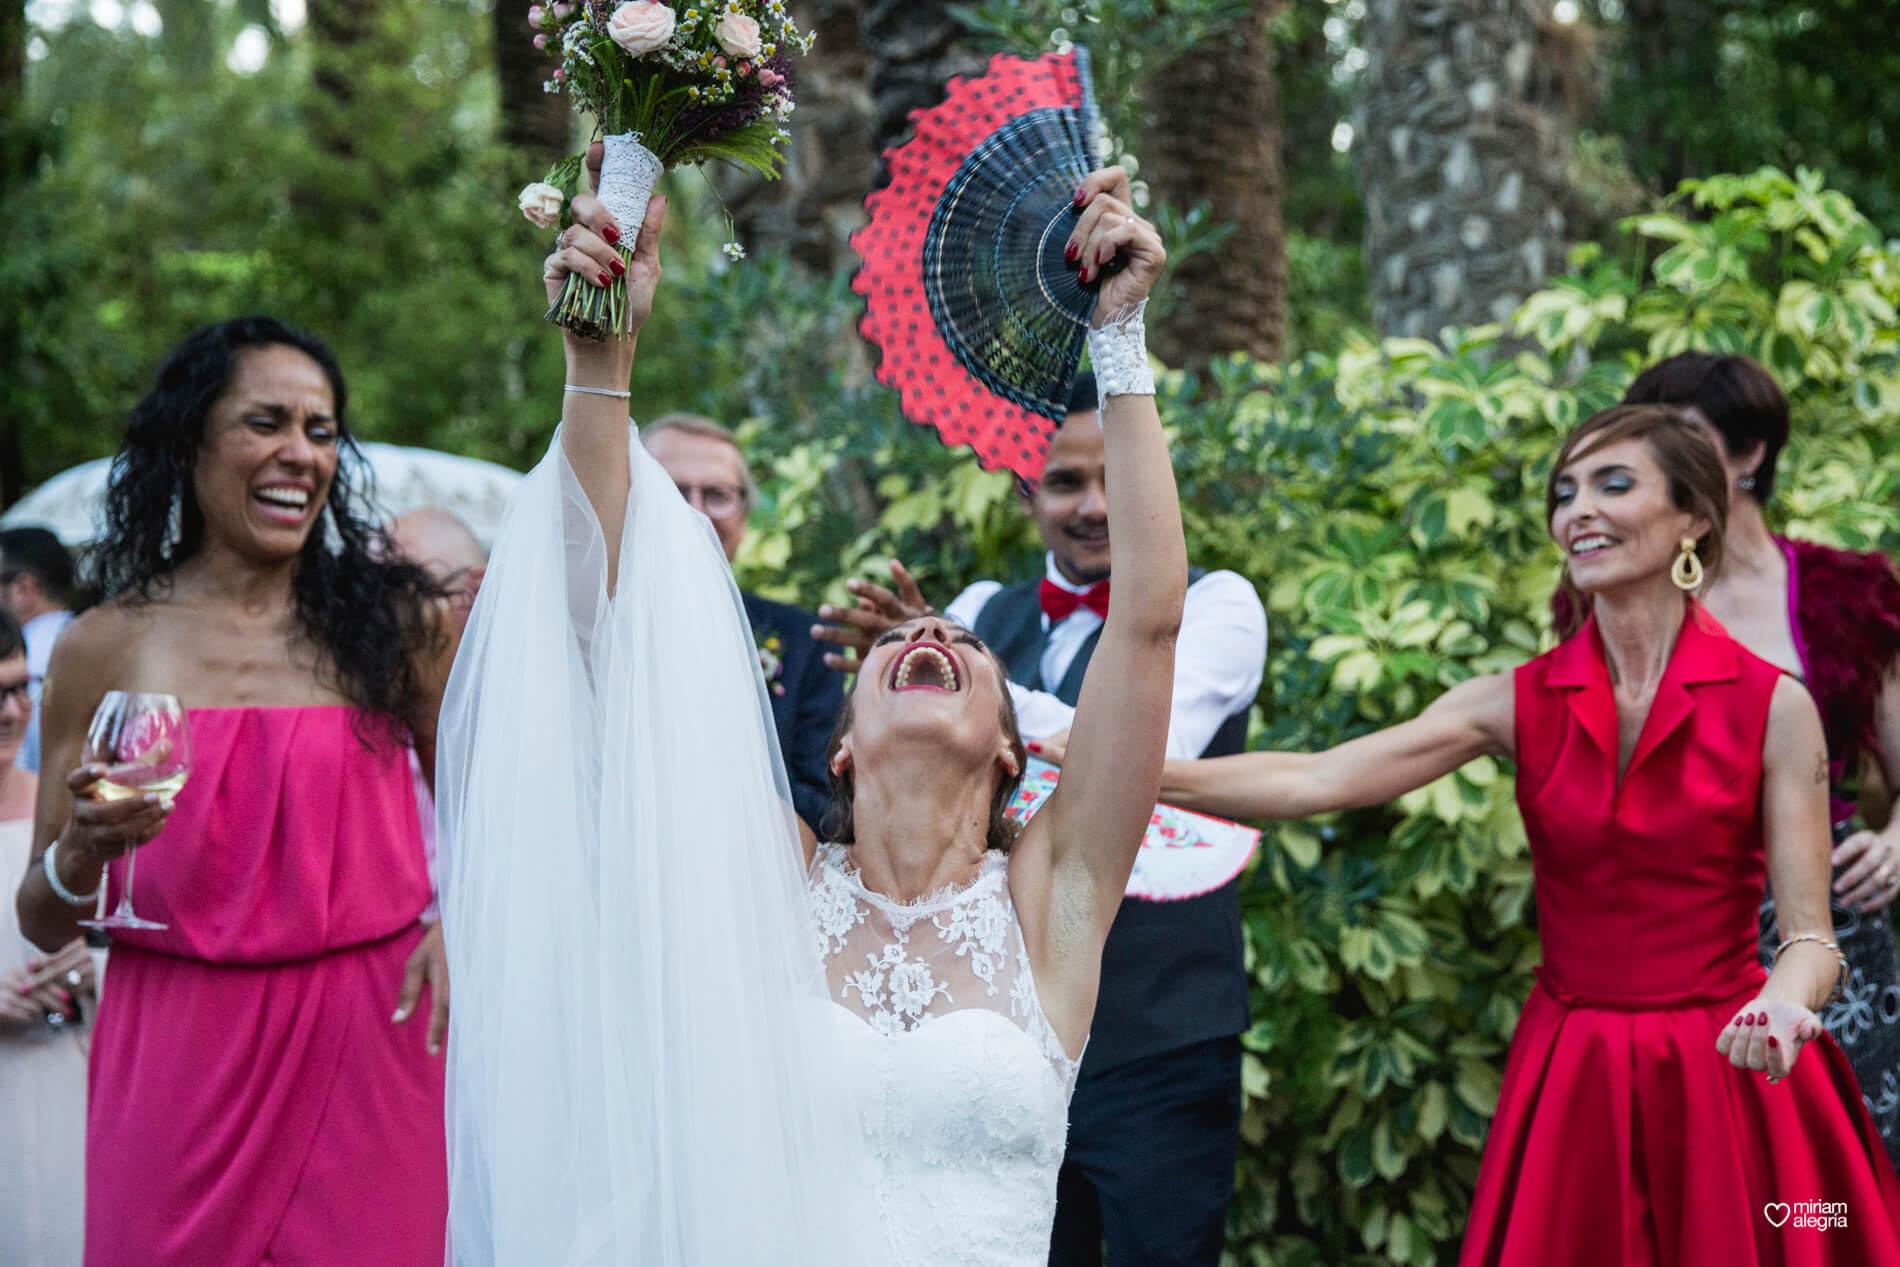 wedding-huerto-del-cura-elche-miriam-alegria-fotografos-boda-64